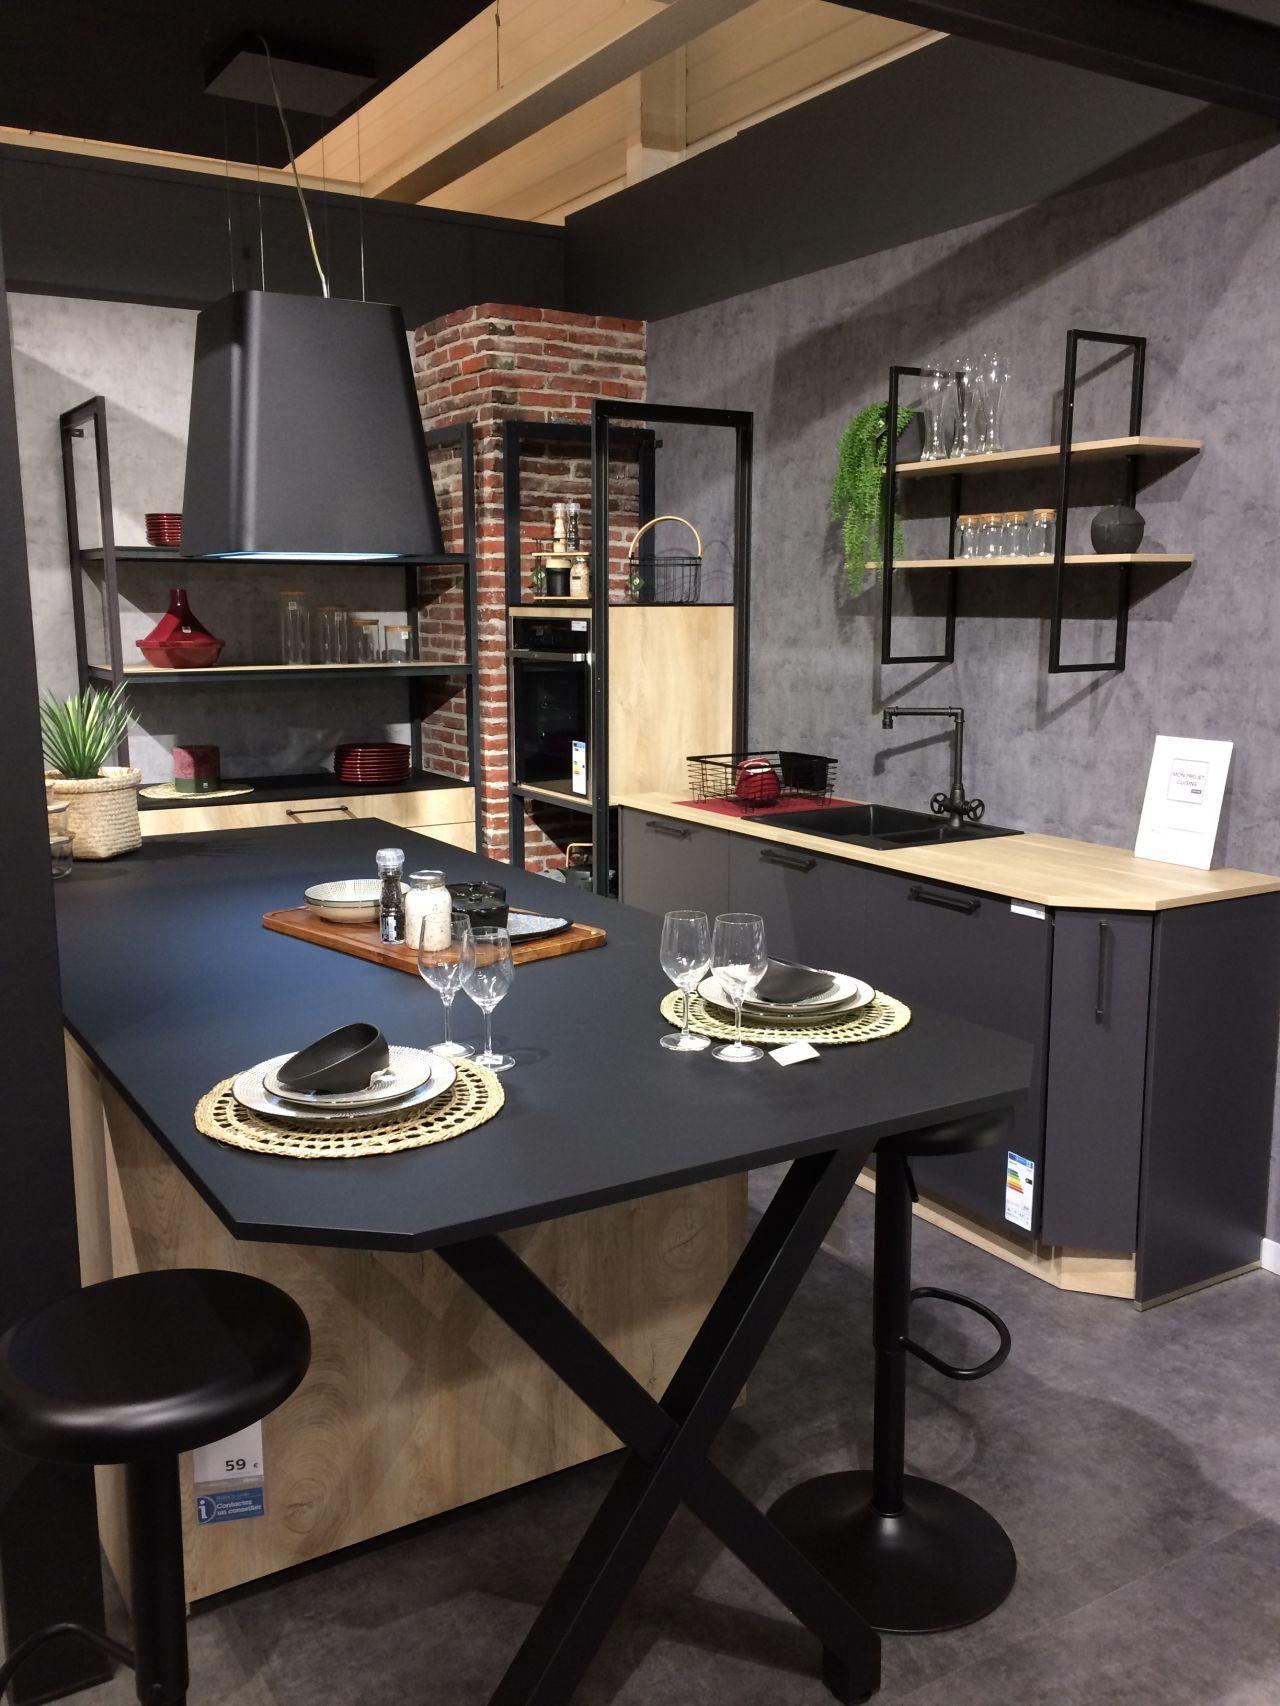 Plan-travail-sur-mesure-cuisine-compact-fenix-nero-ingo-STC-Paris